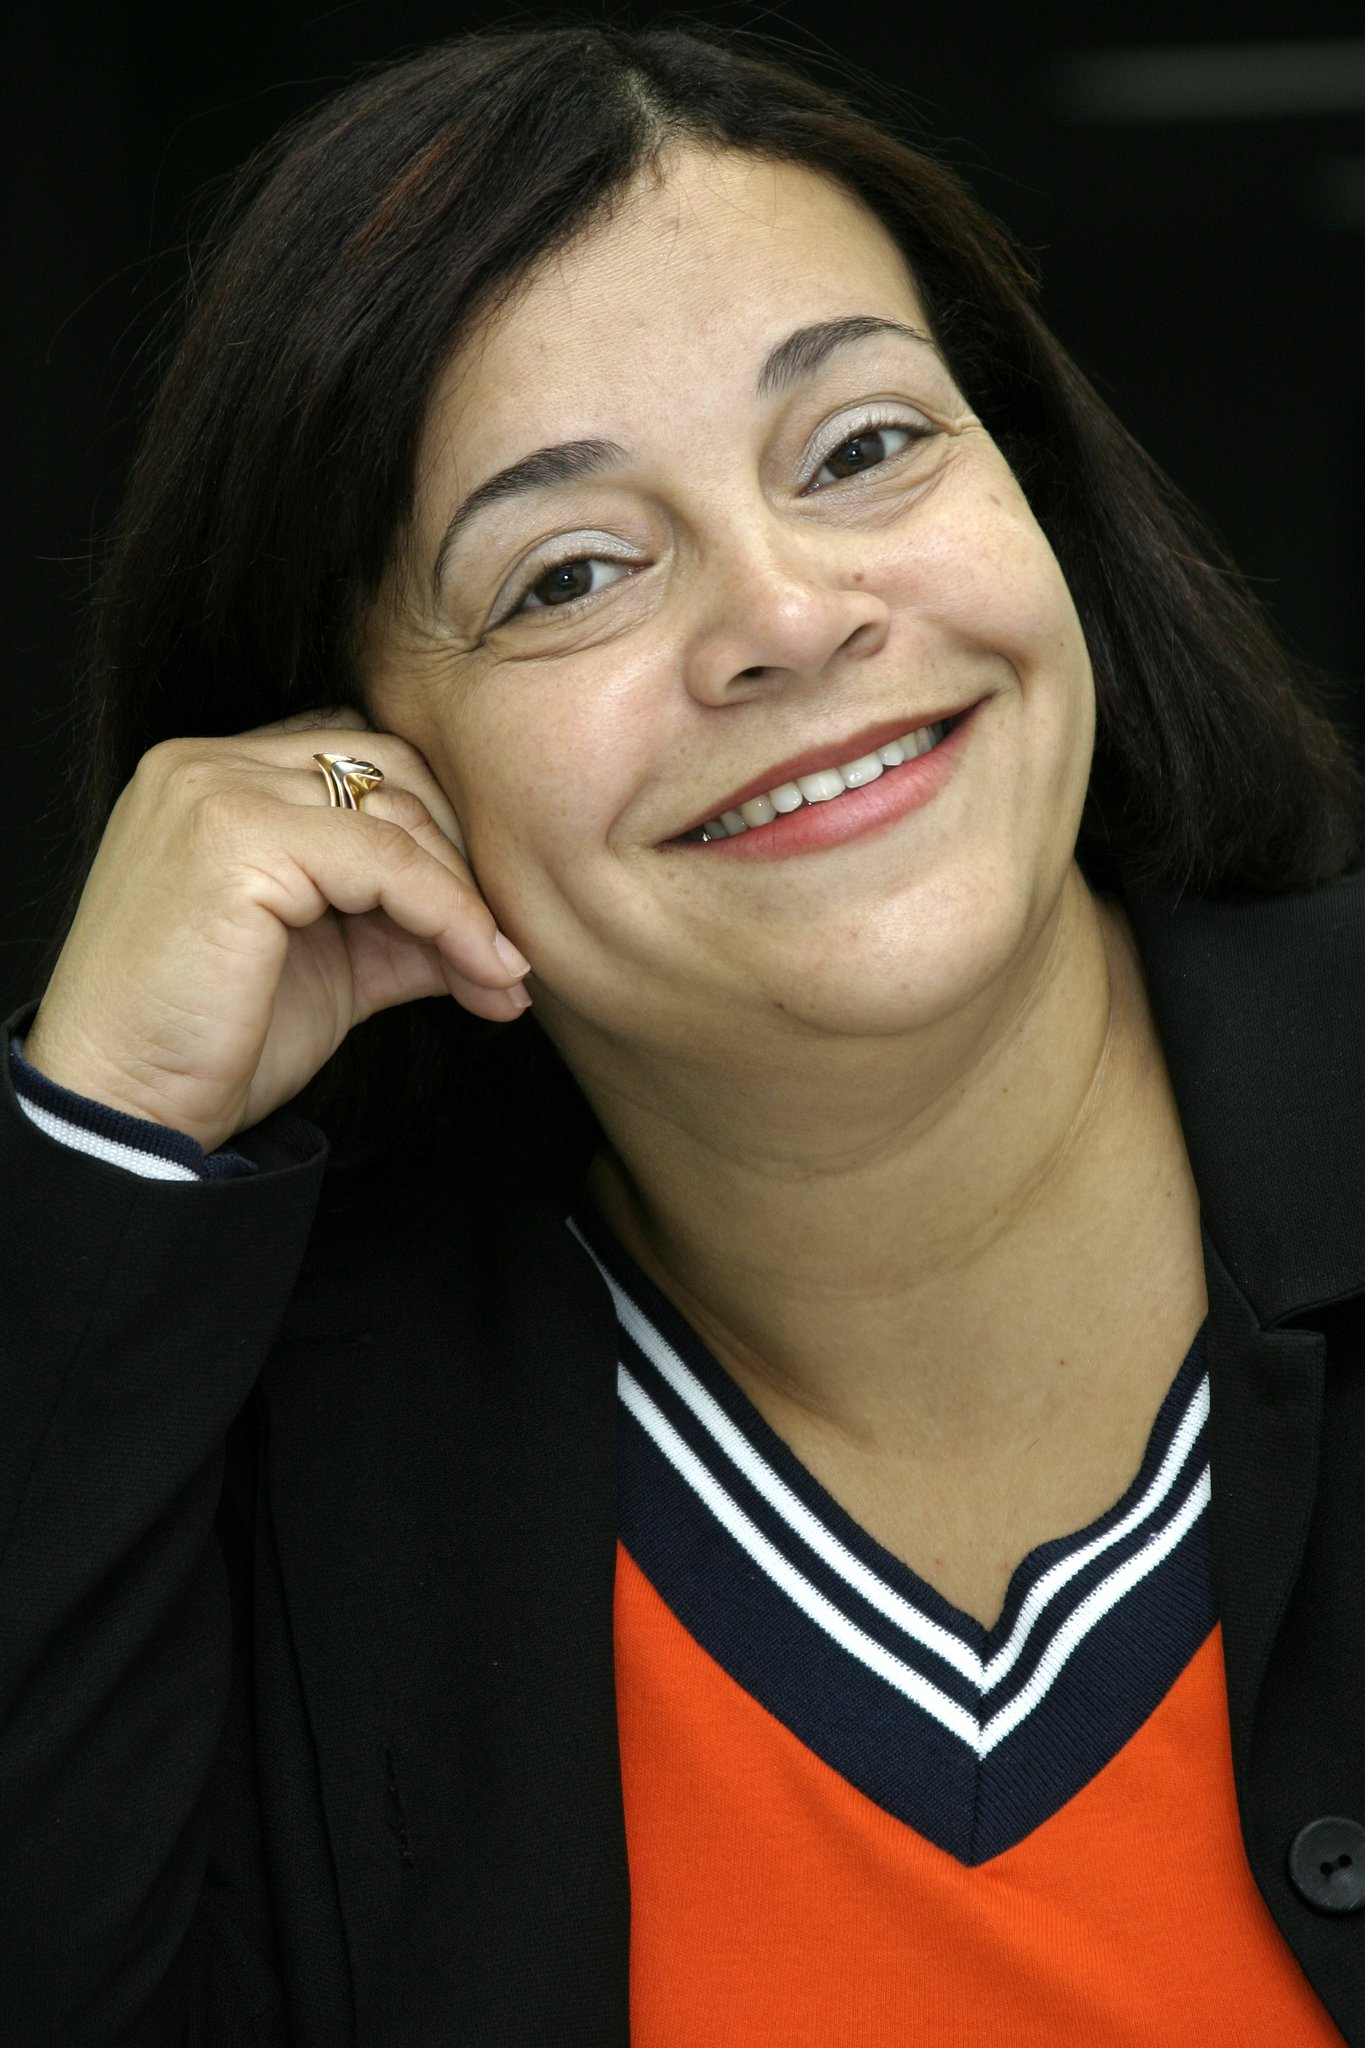 Cleonice de Souza